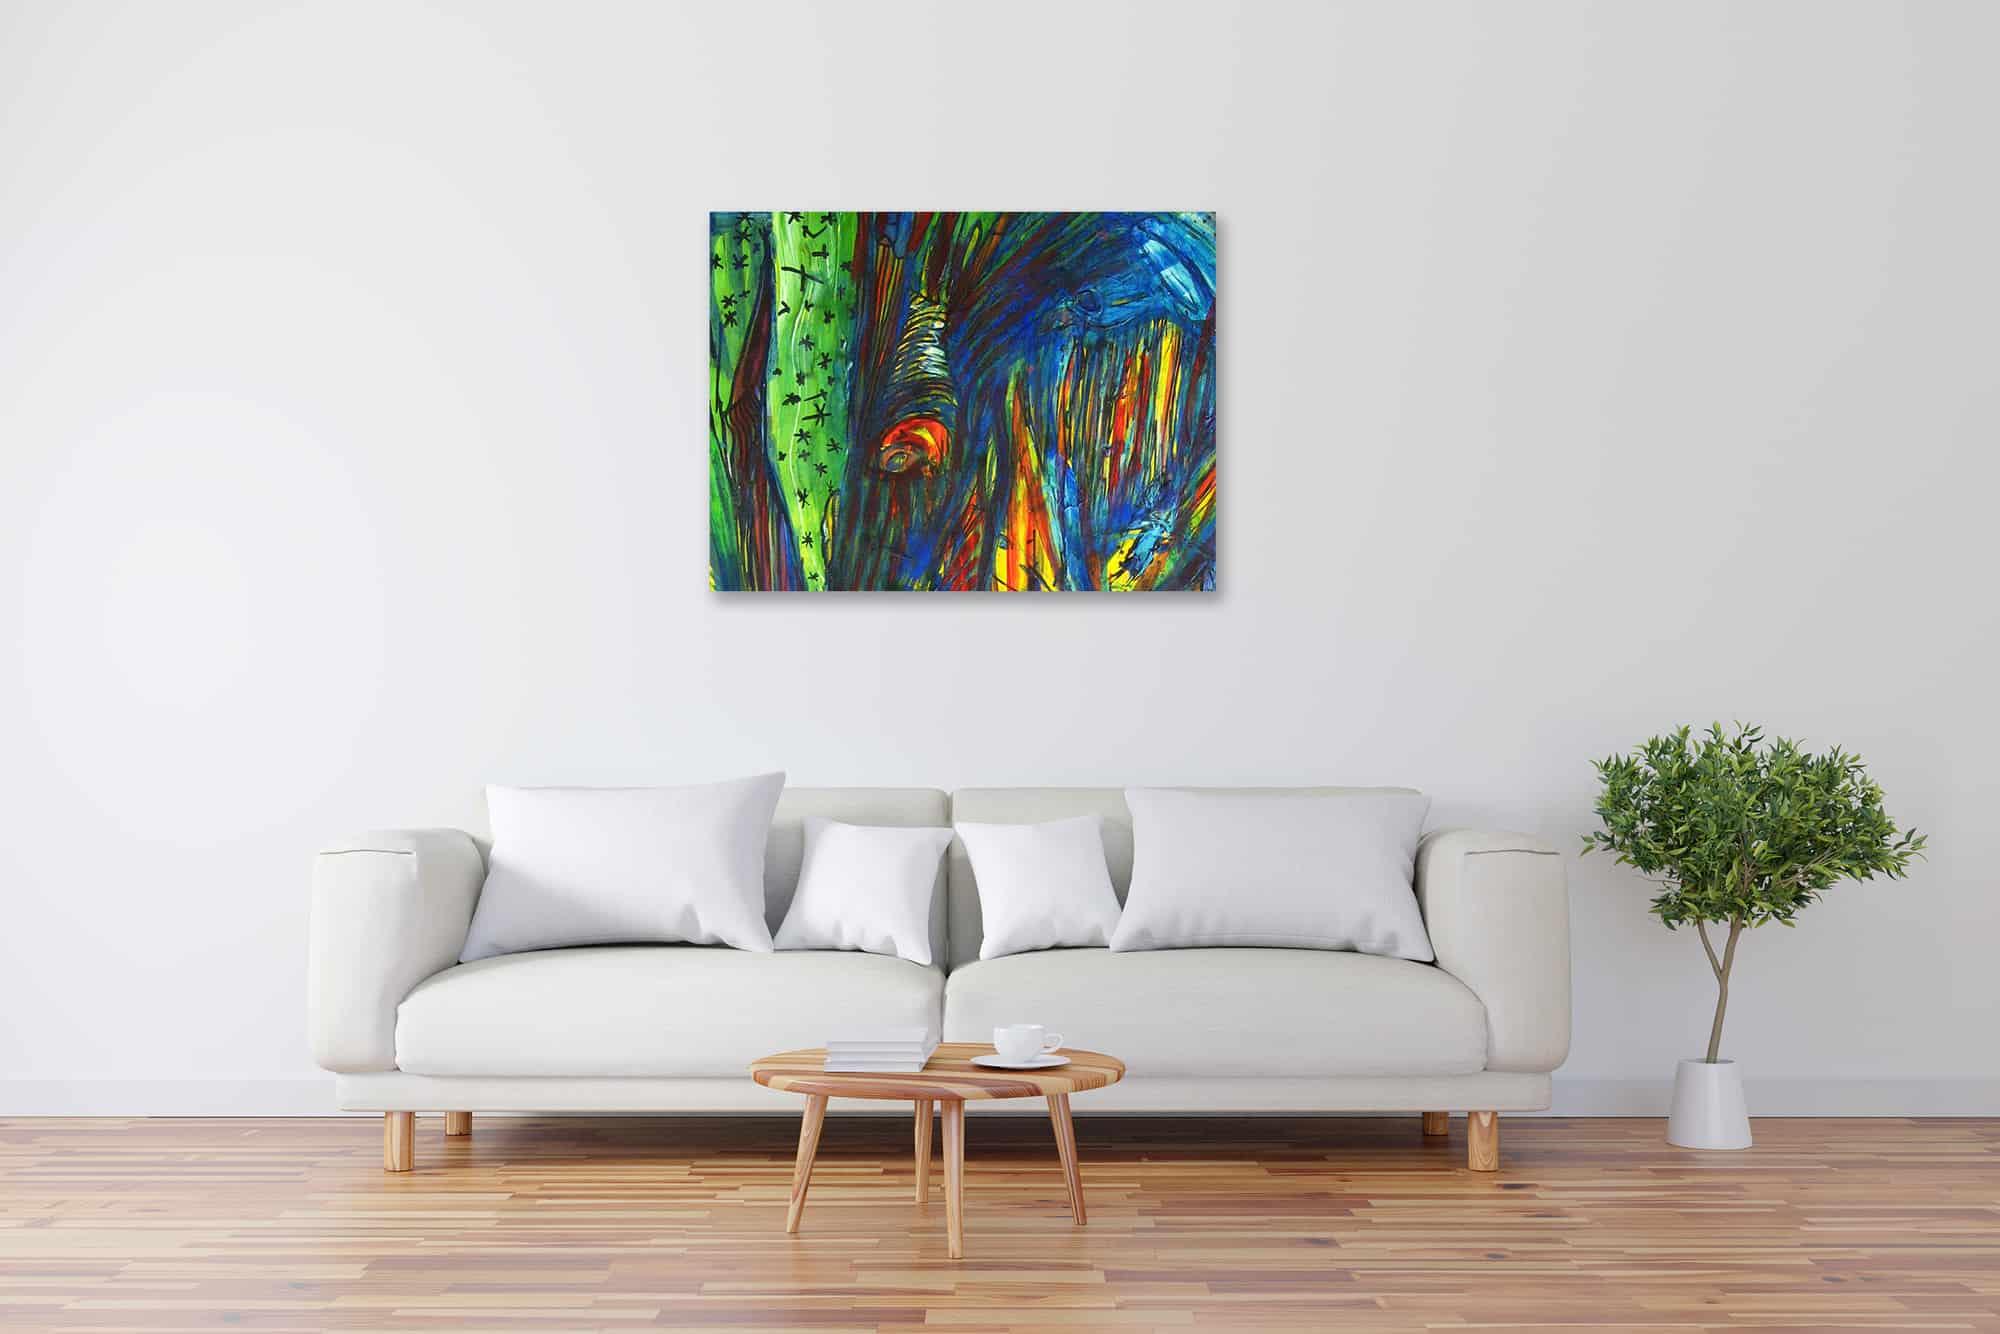 Modernes Kunstbild Acryl auf Leinwand Strom künstler